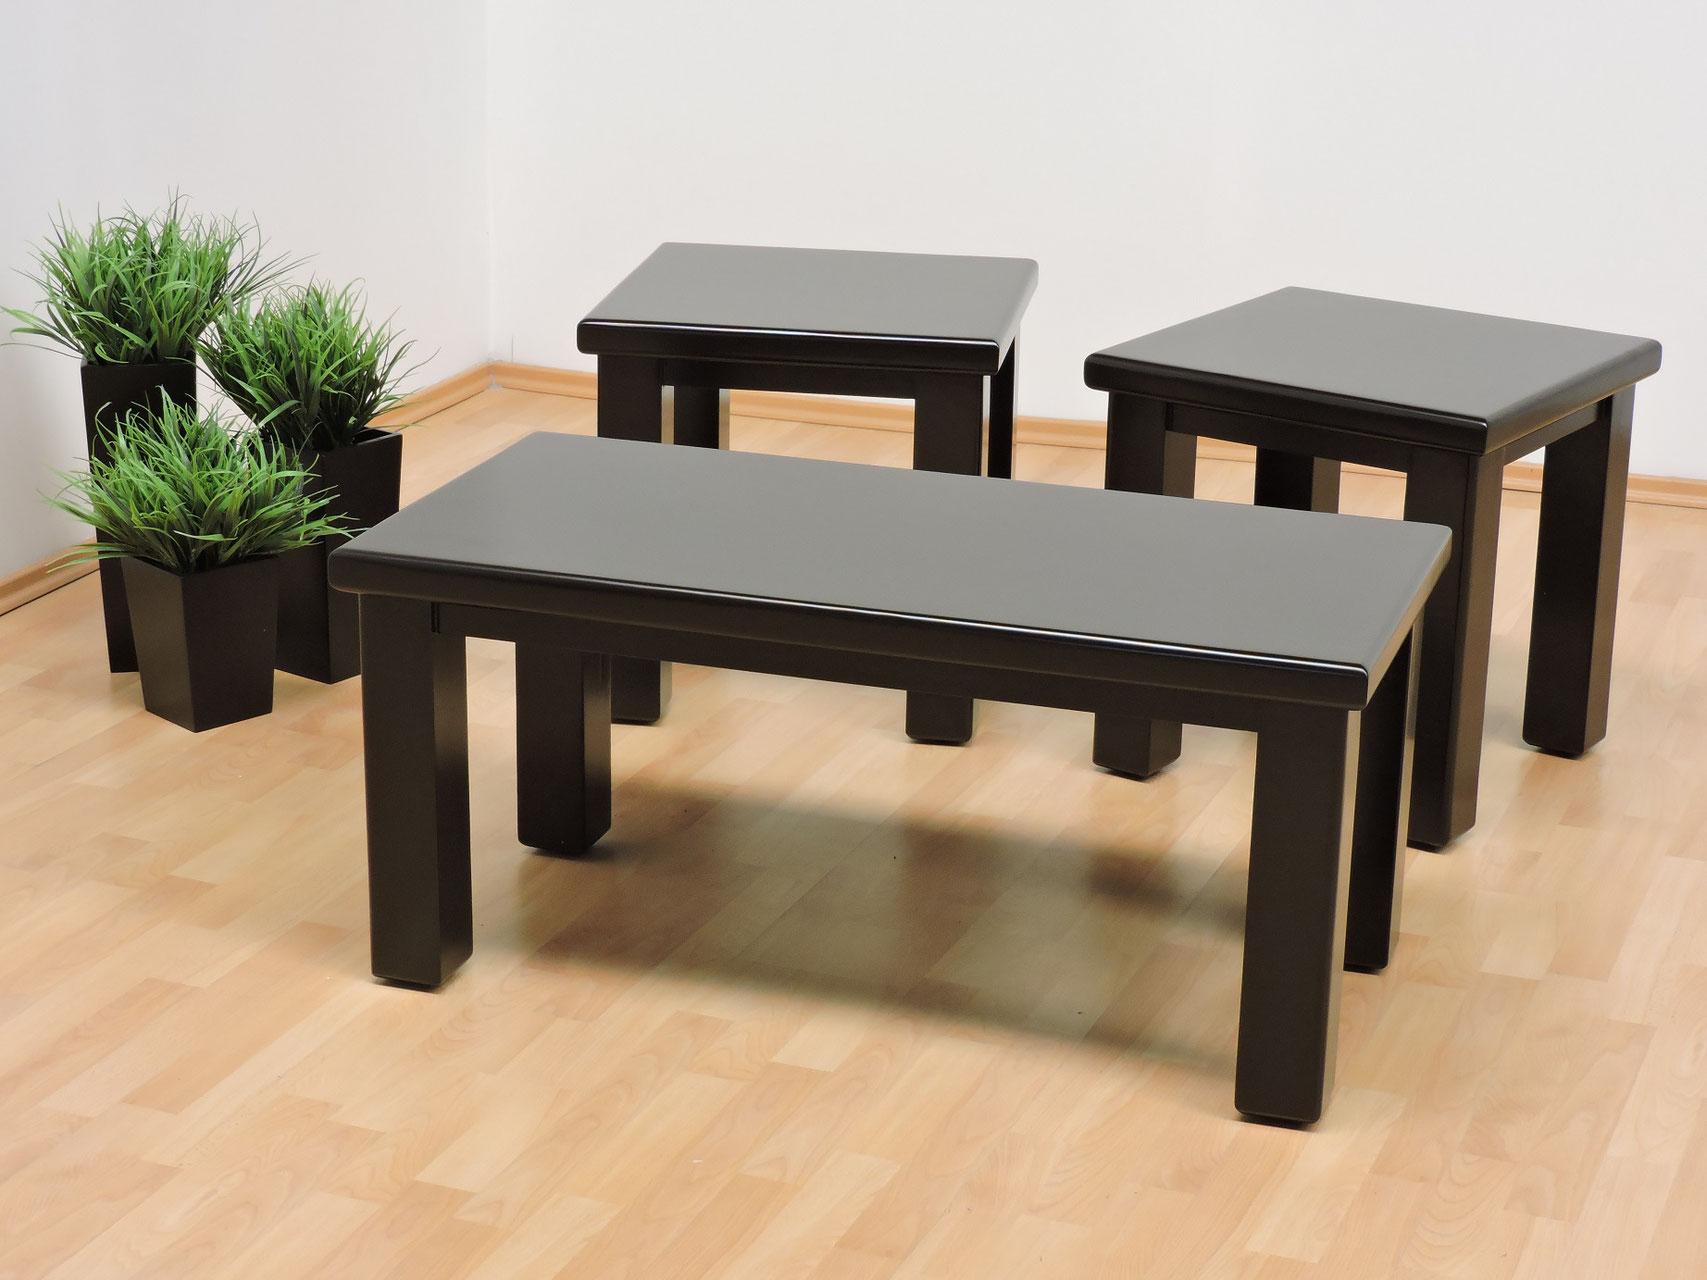 Mesas para sala muebles gm muebles de madera for Mesas de madera para sala